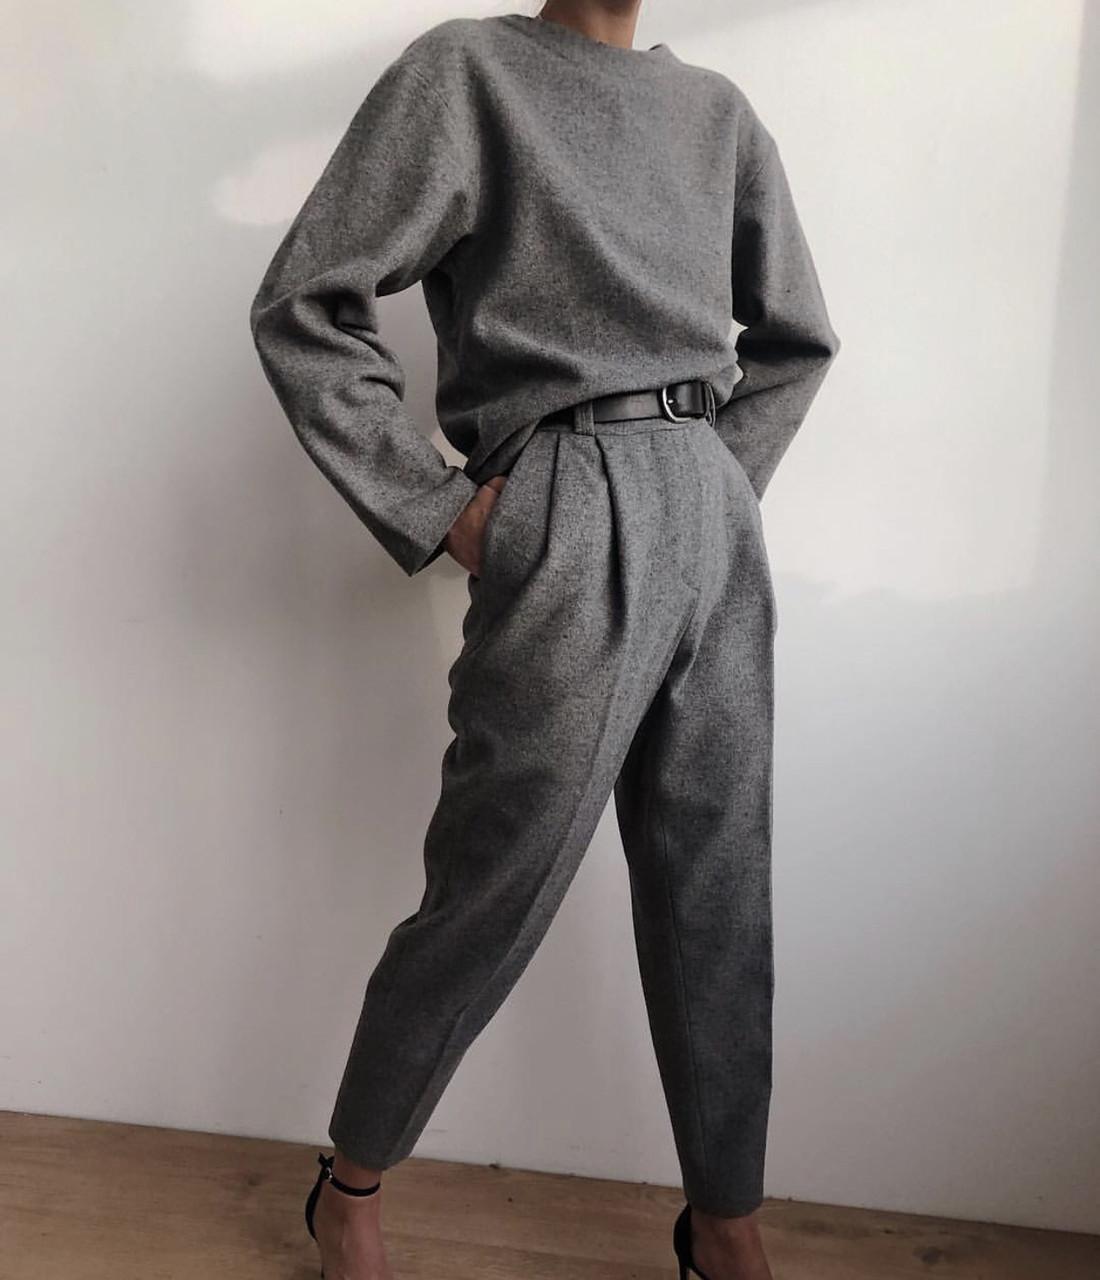 Женский  костюм. Размеры: 42-44, 44-46 Ткань: турецкая шерсть Ремень +30 грн.